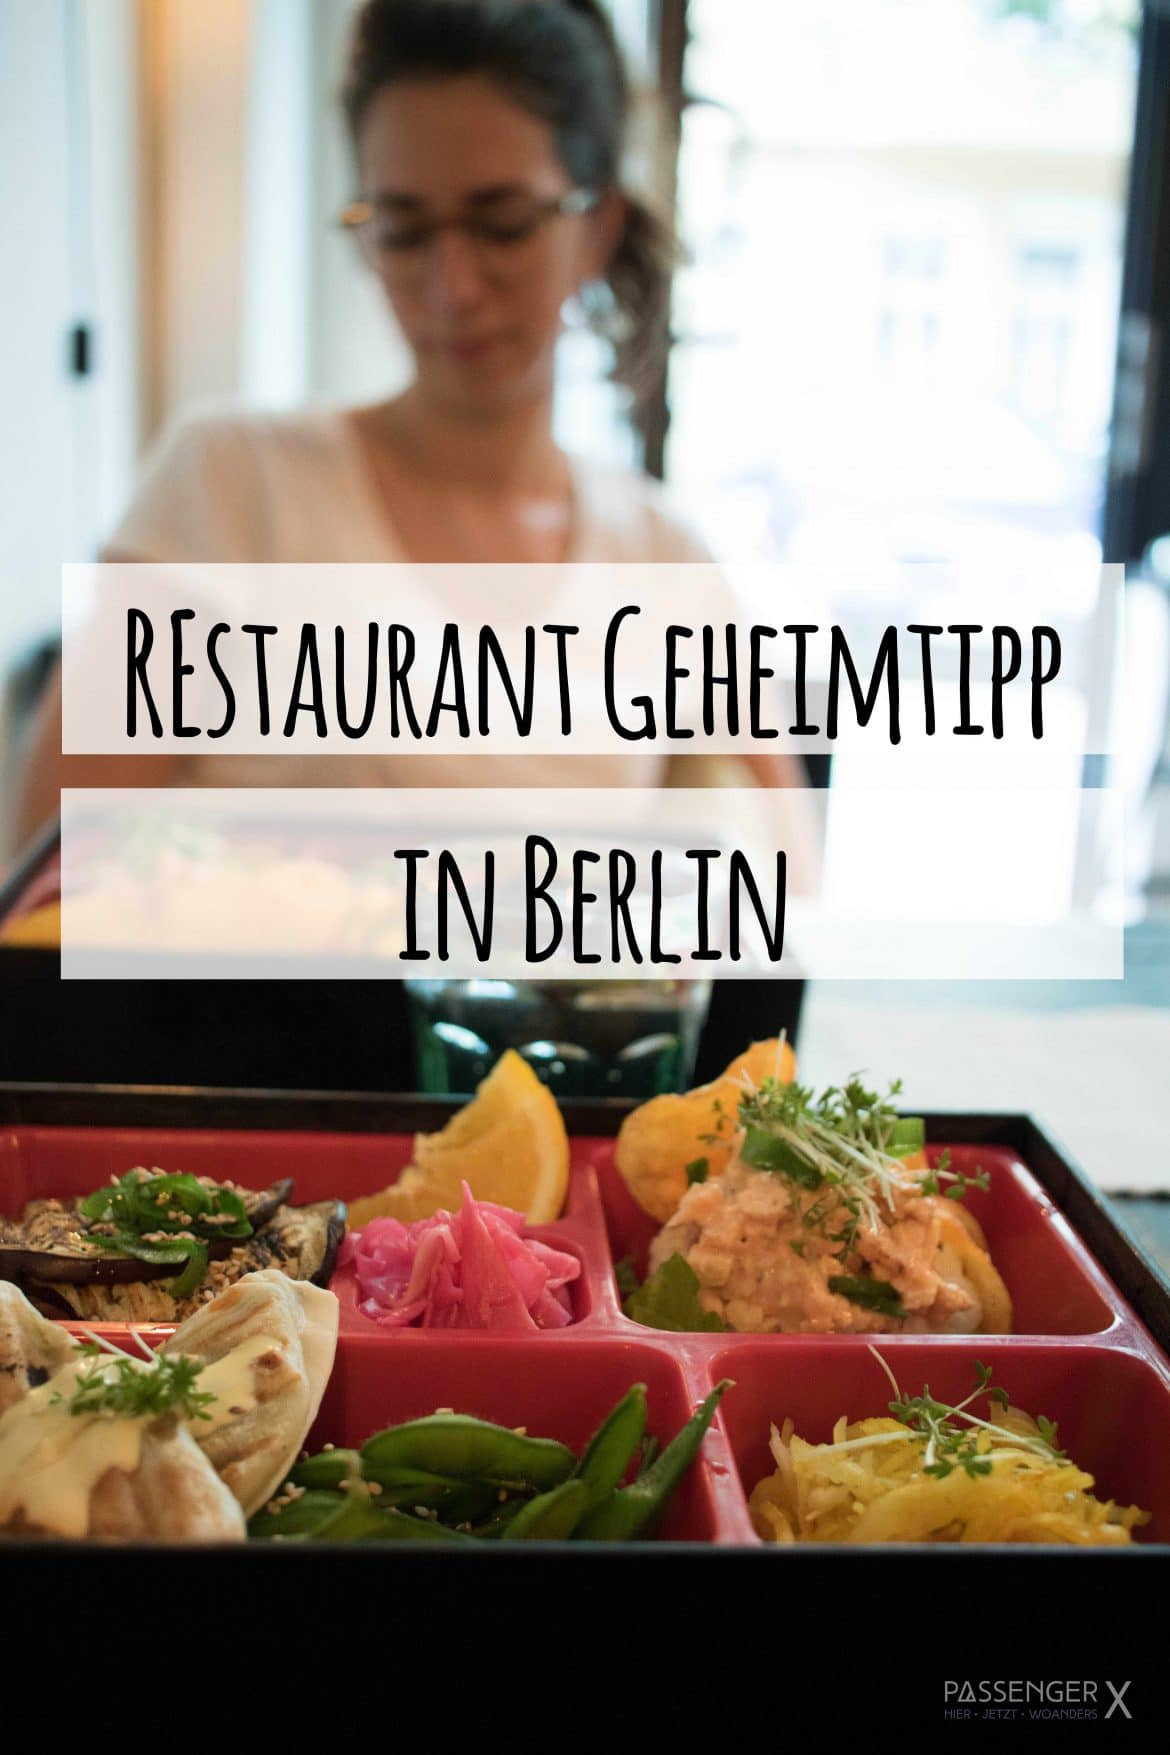 In Berlin gibt es viele gute Restaurants, aber PASSENGER X verrät dir einen echten Geheimtipp.